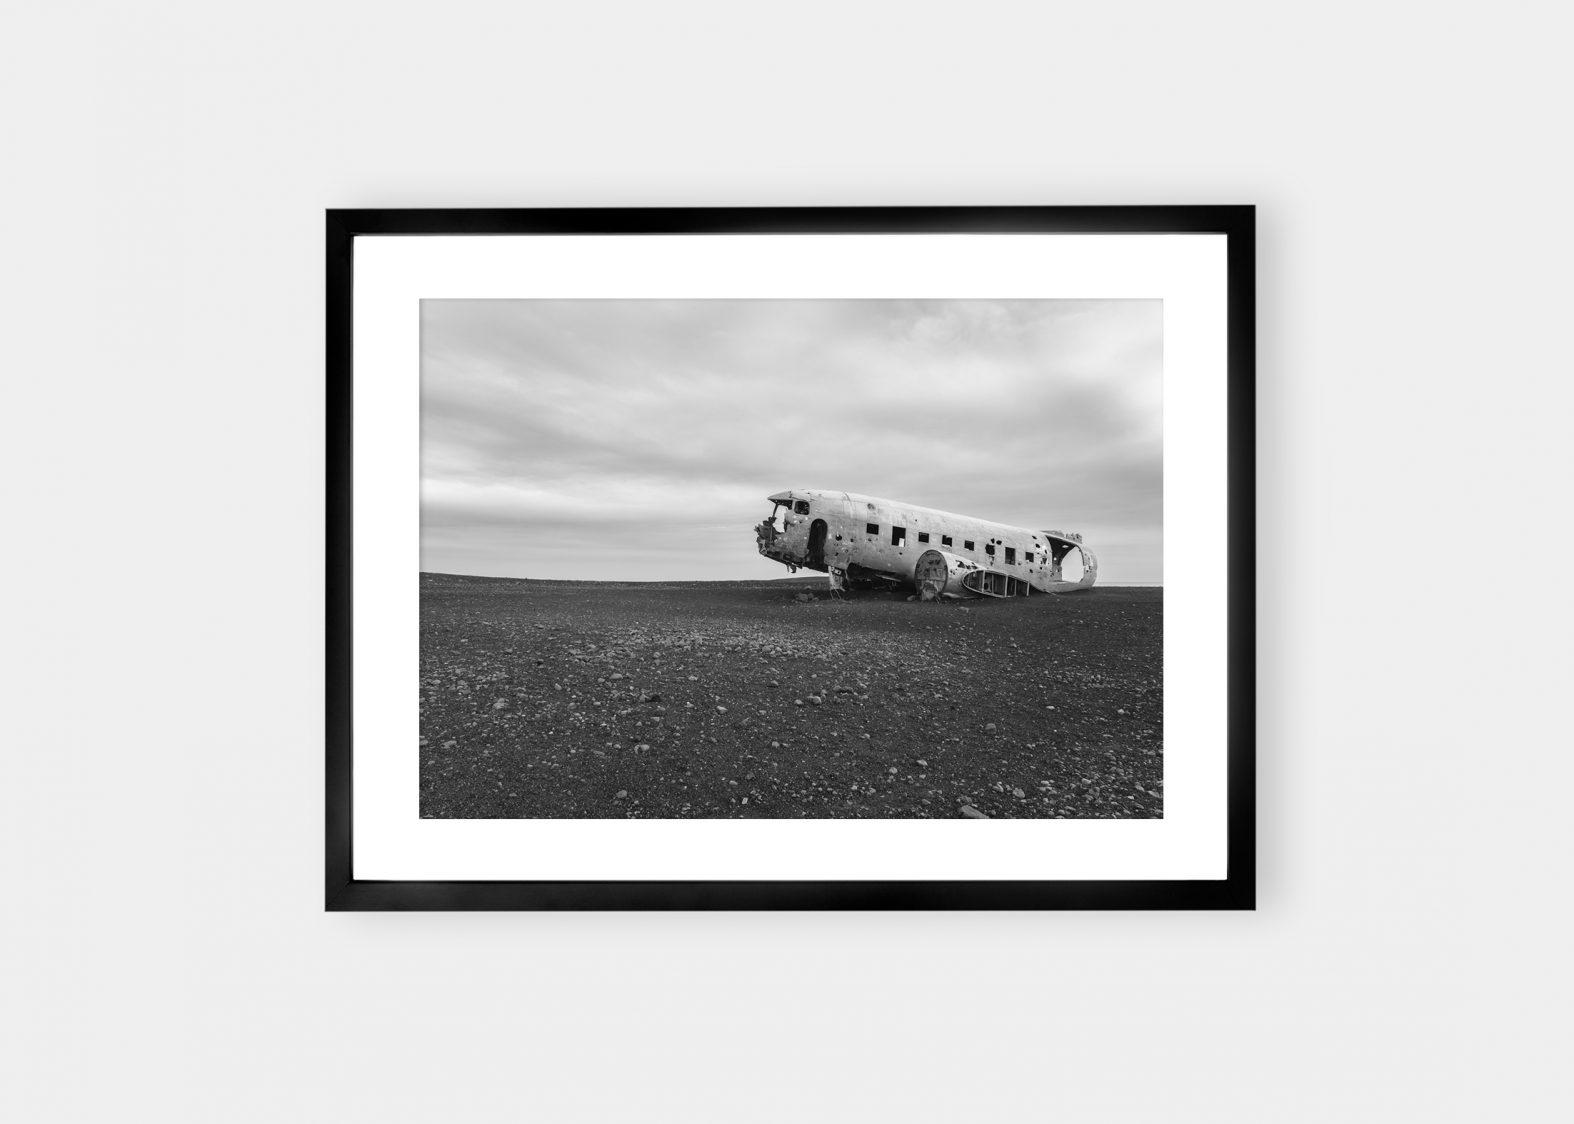 Final Boarding | Fine Art fotokunst til salgs | Fotograf Stian Gregersen